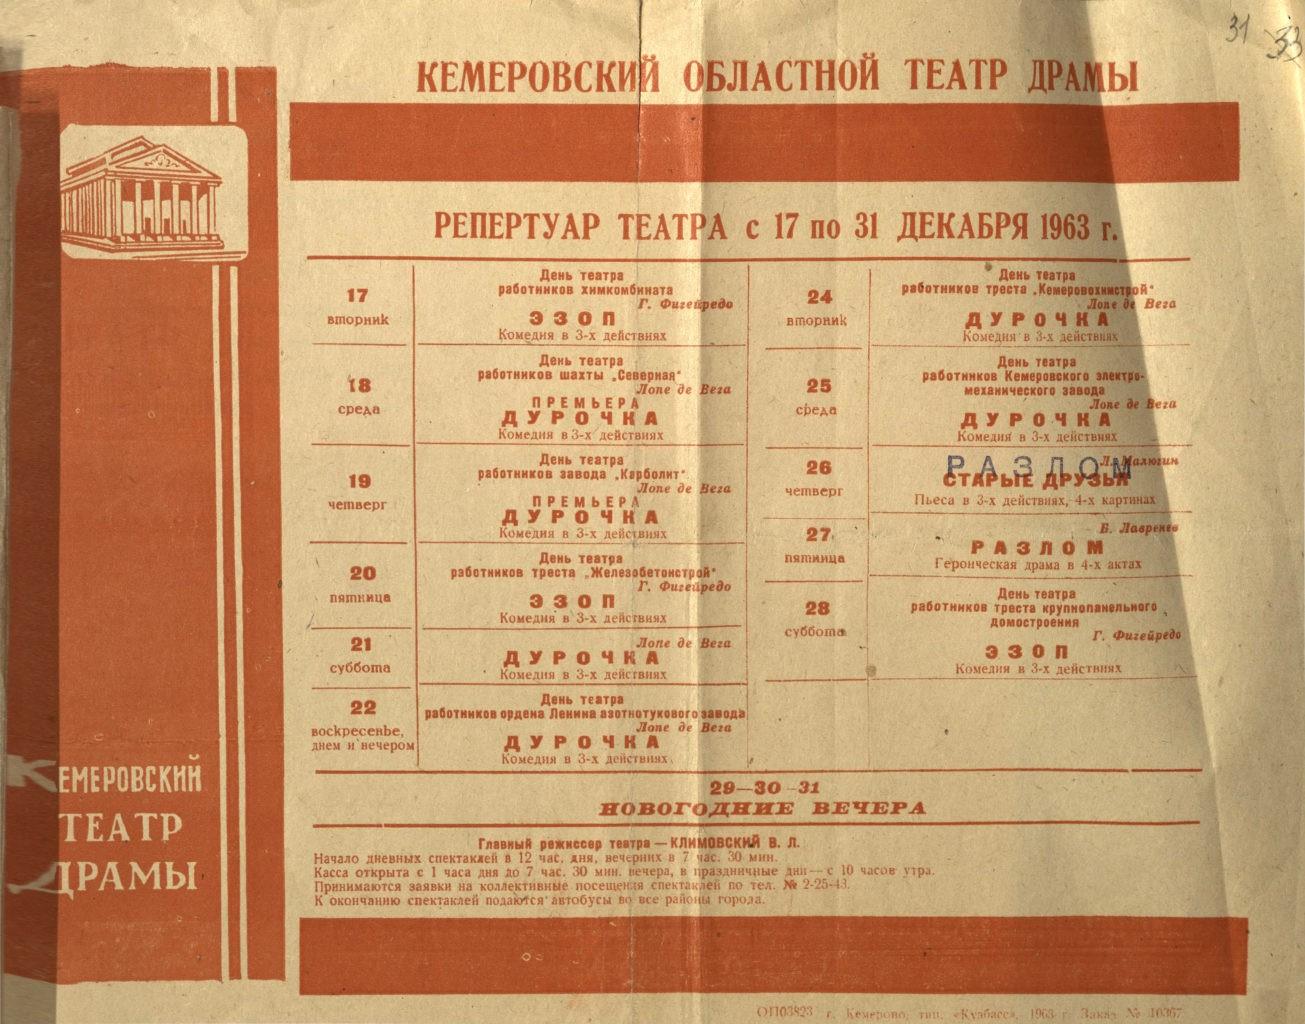 Кемеровский областной театр драмы. Репертуар театра с 17 по 31 декабря 1963 г.: афиша